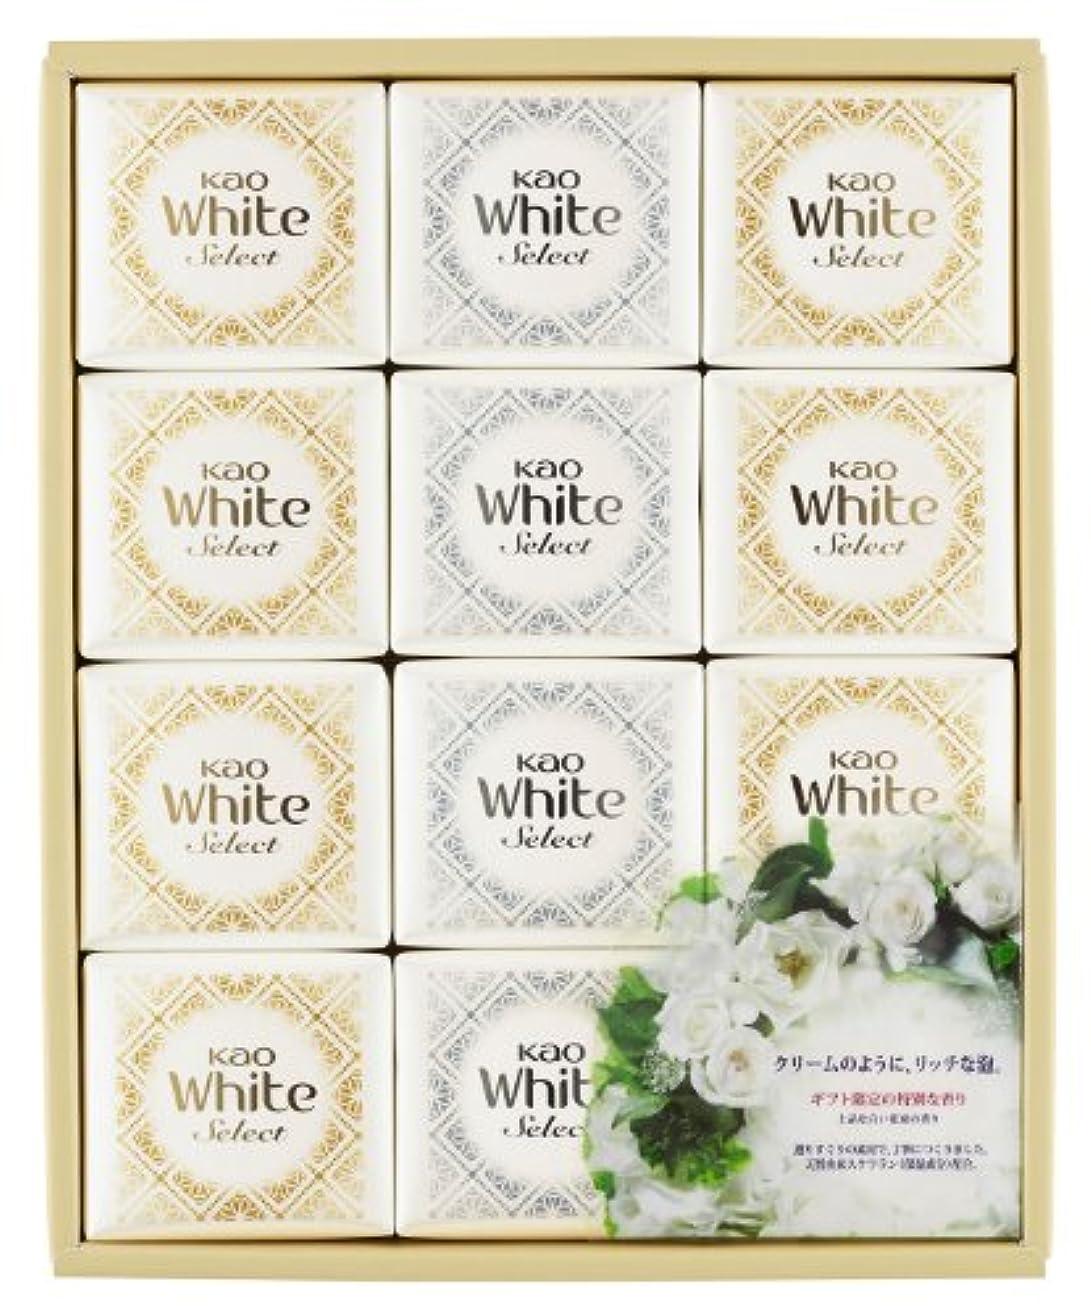 チェス美人失礼な花王ホワイト セレクト 上品な白い花束の香り 85g 12コ K?WS-20